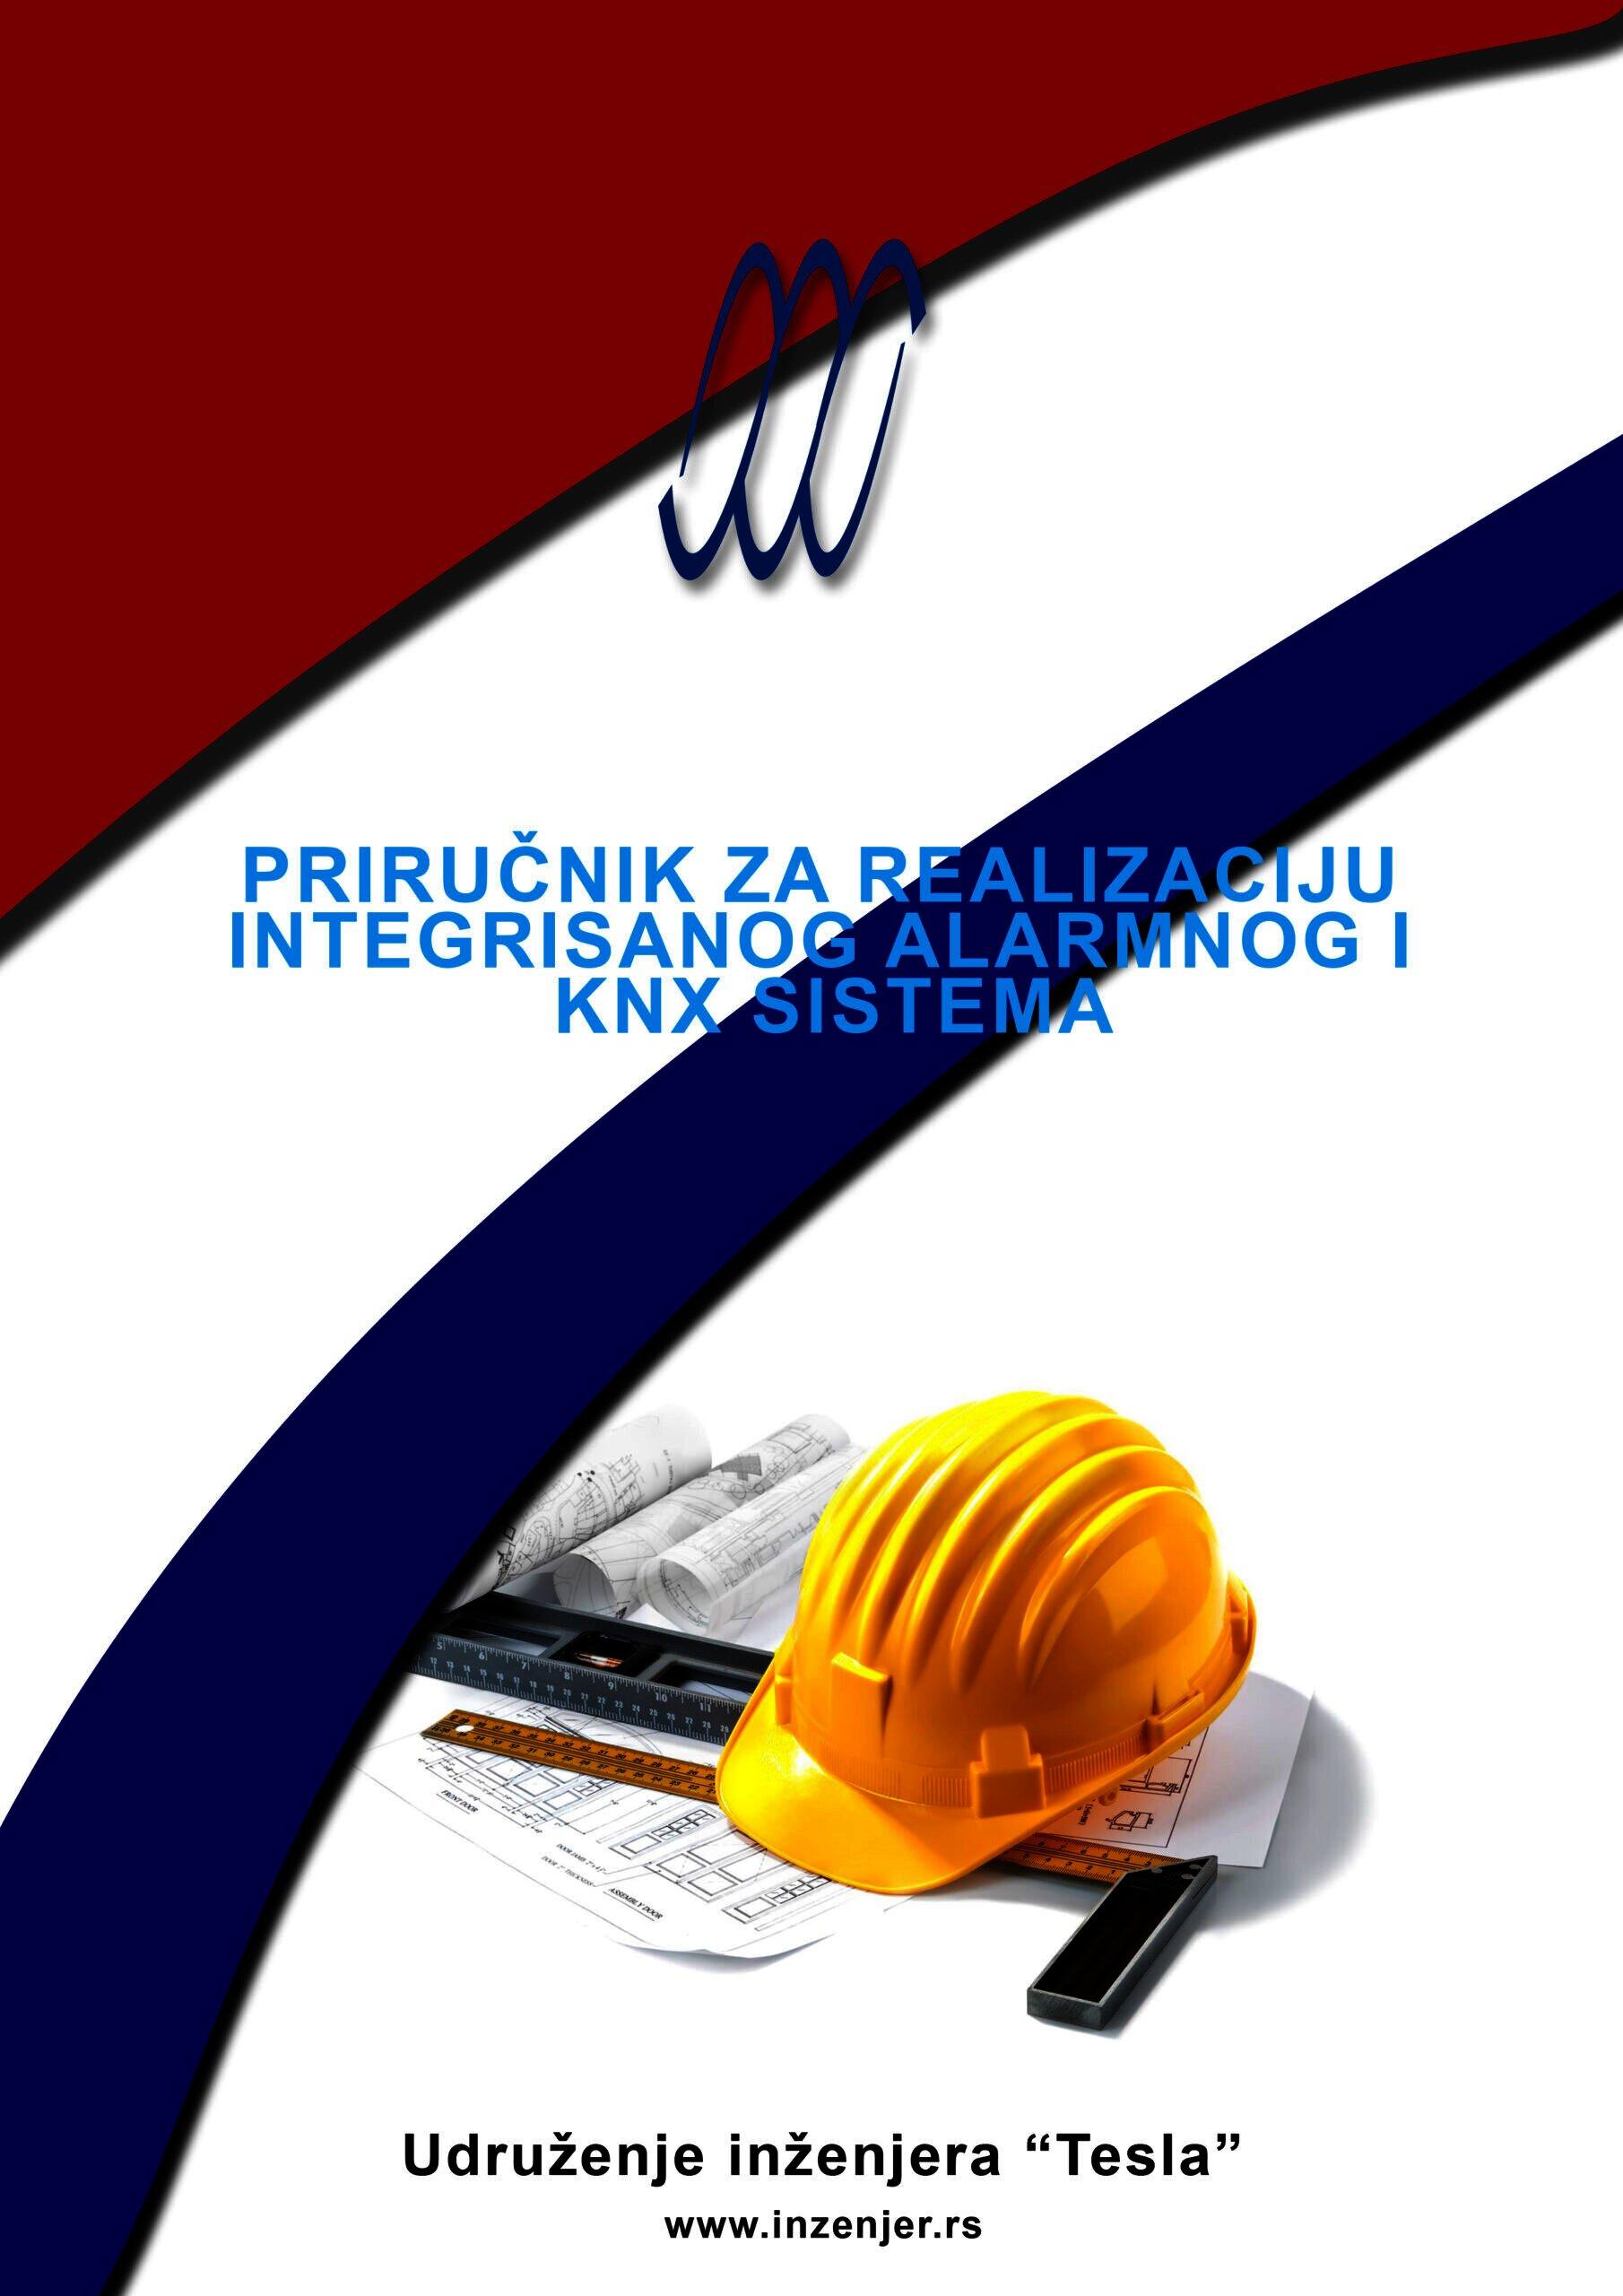 Priručnik za realizaciju integrisanog alarmnog i KNX sistema